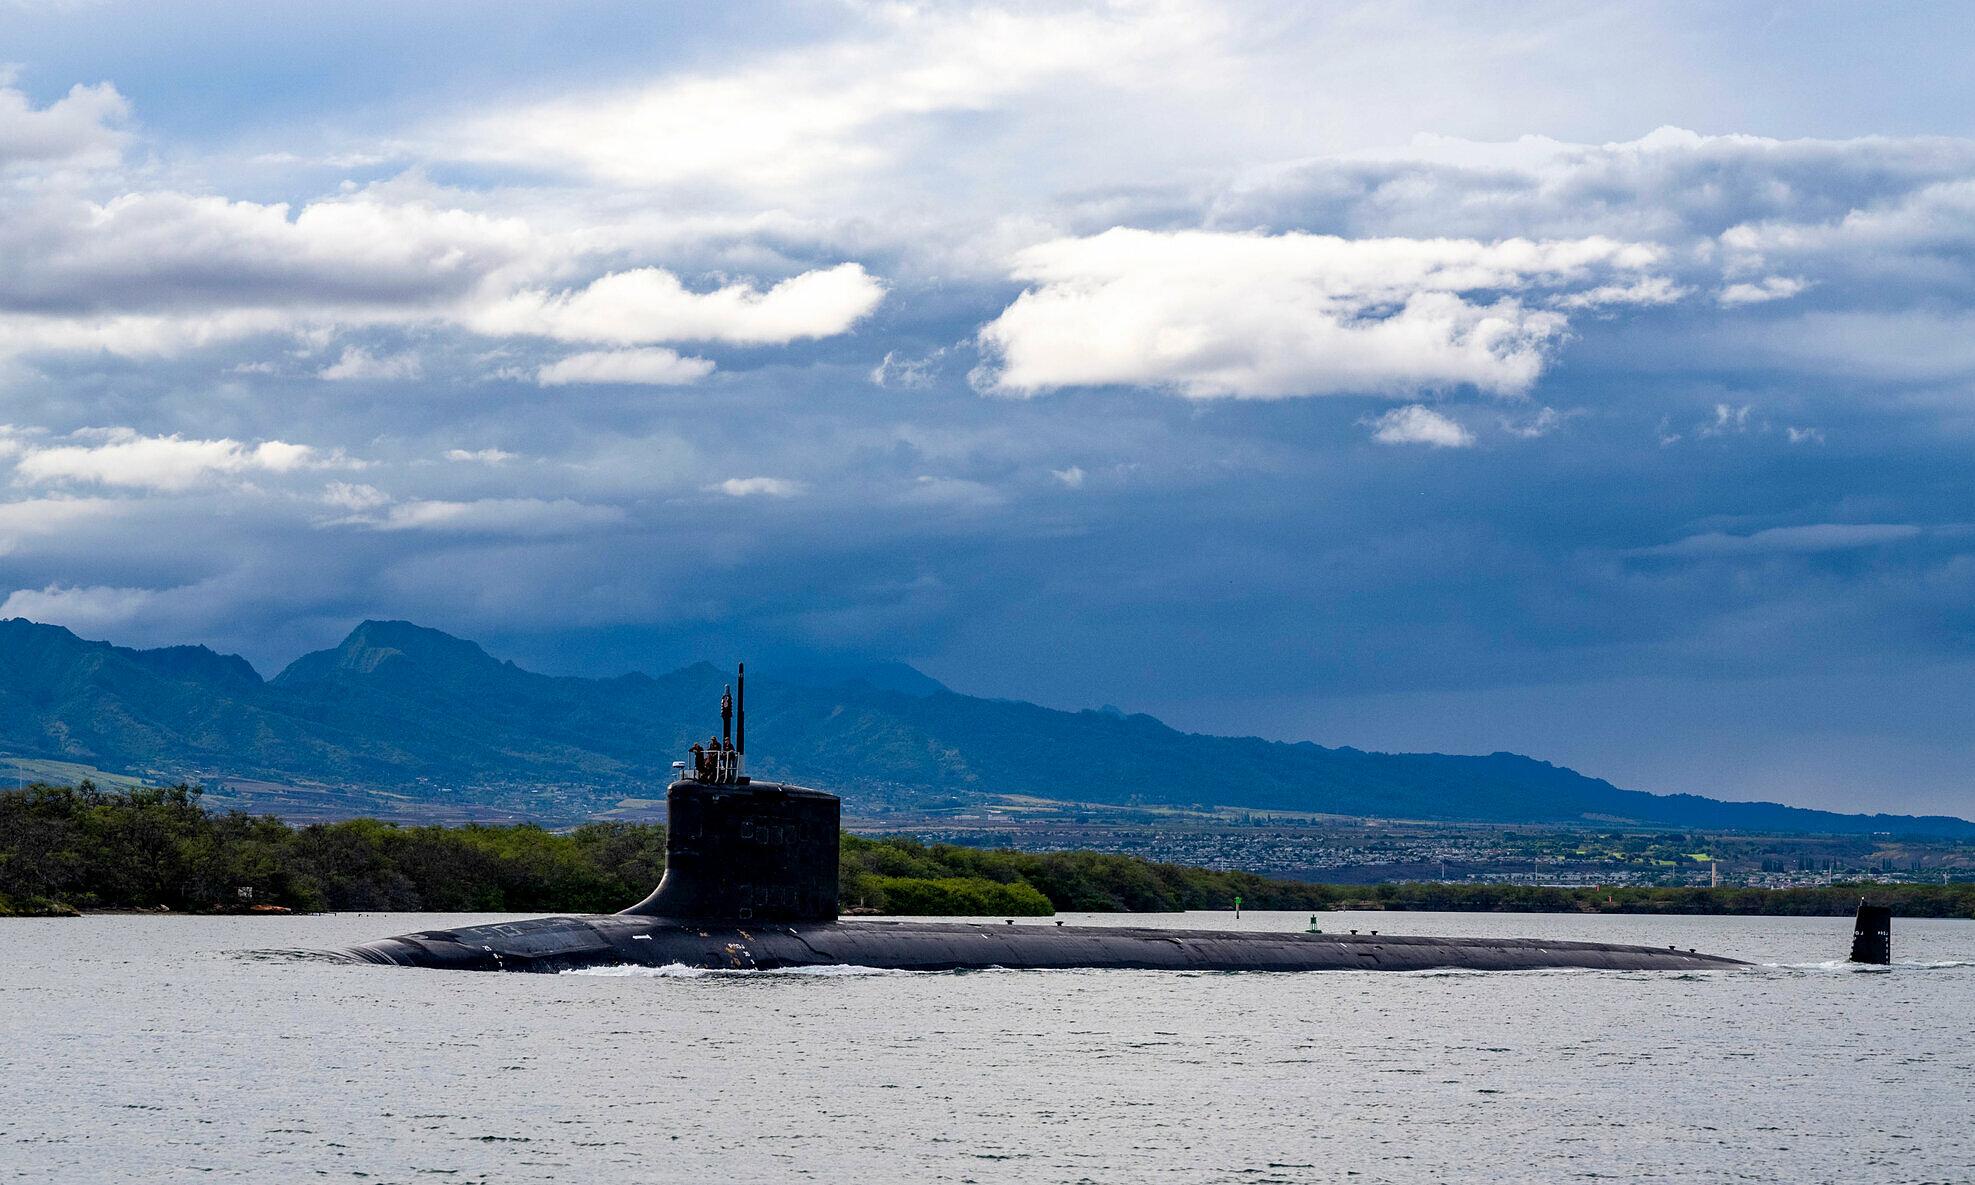 Tàu ngầm hạt nhân Lớp Virginia của hải quân Mỹ đến Hawaii vào tháng 9. Ảnh: AP.